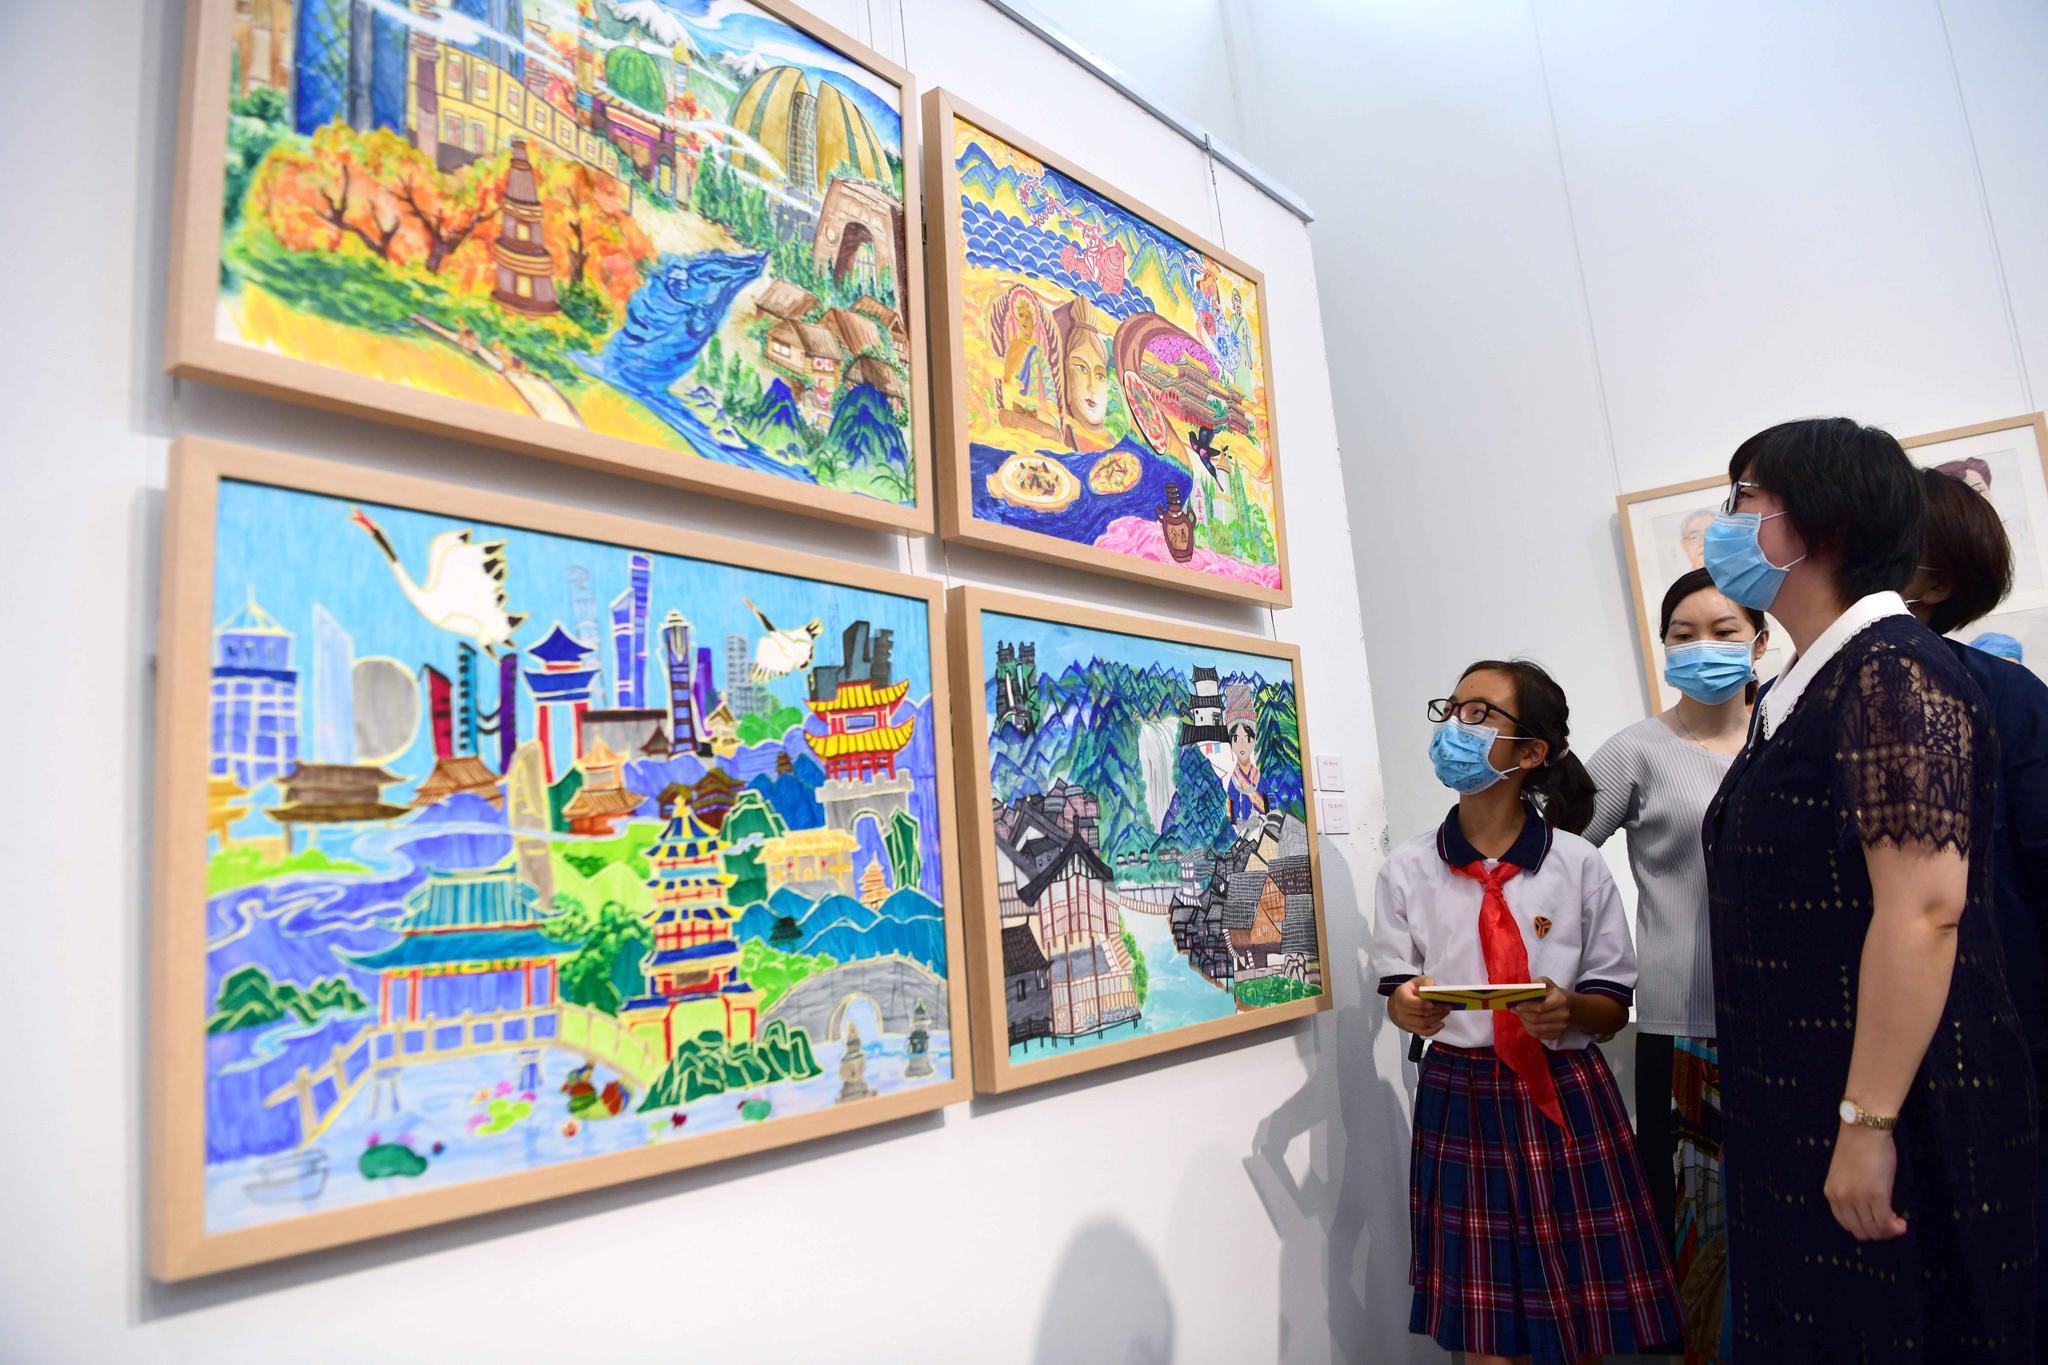 北京这所百年小学,成了中国美术馆美育实践基地